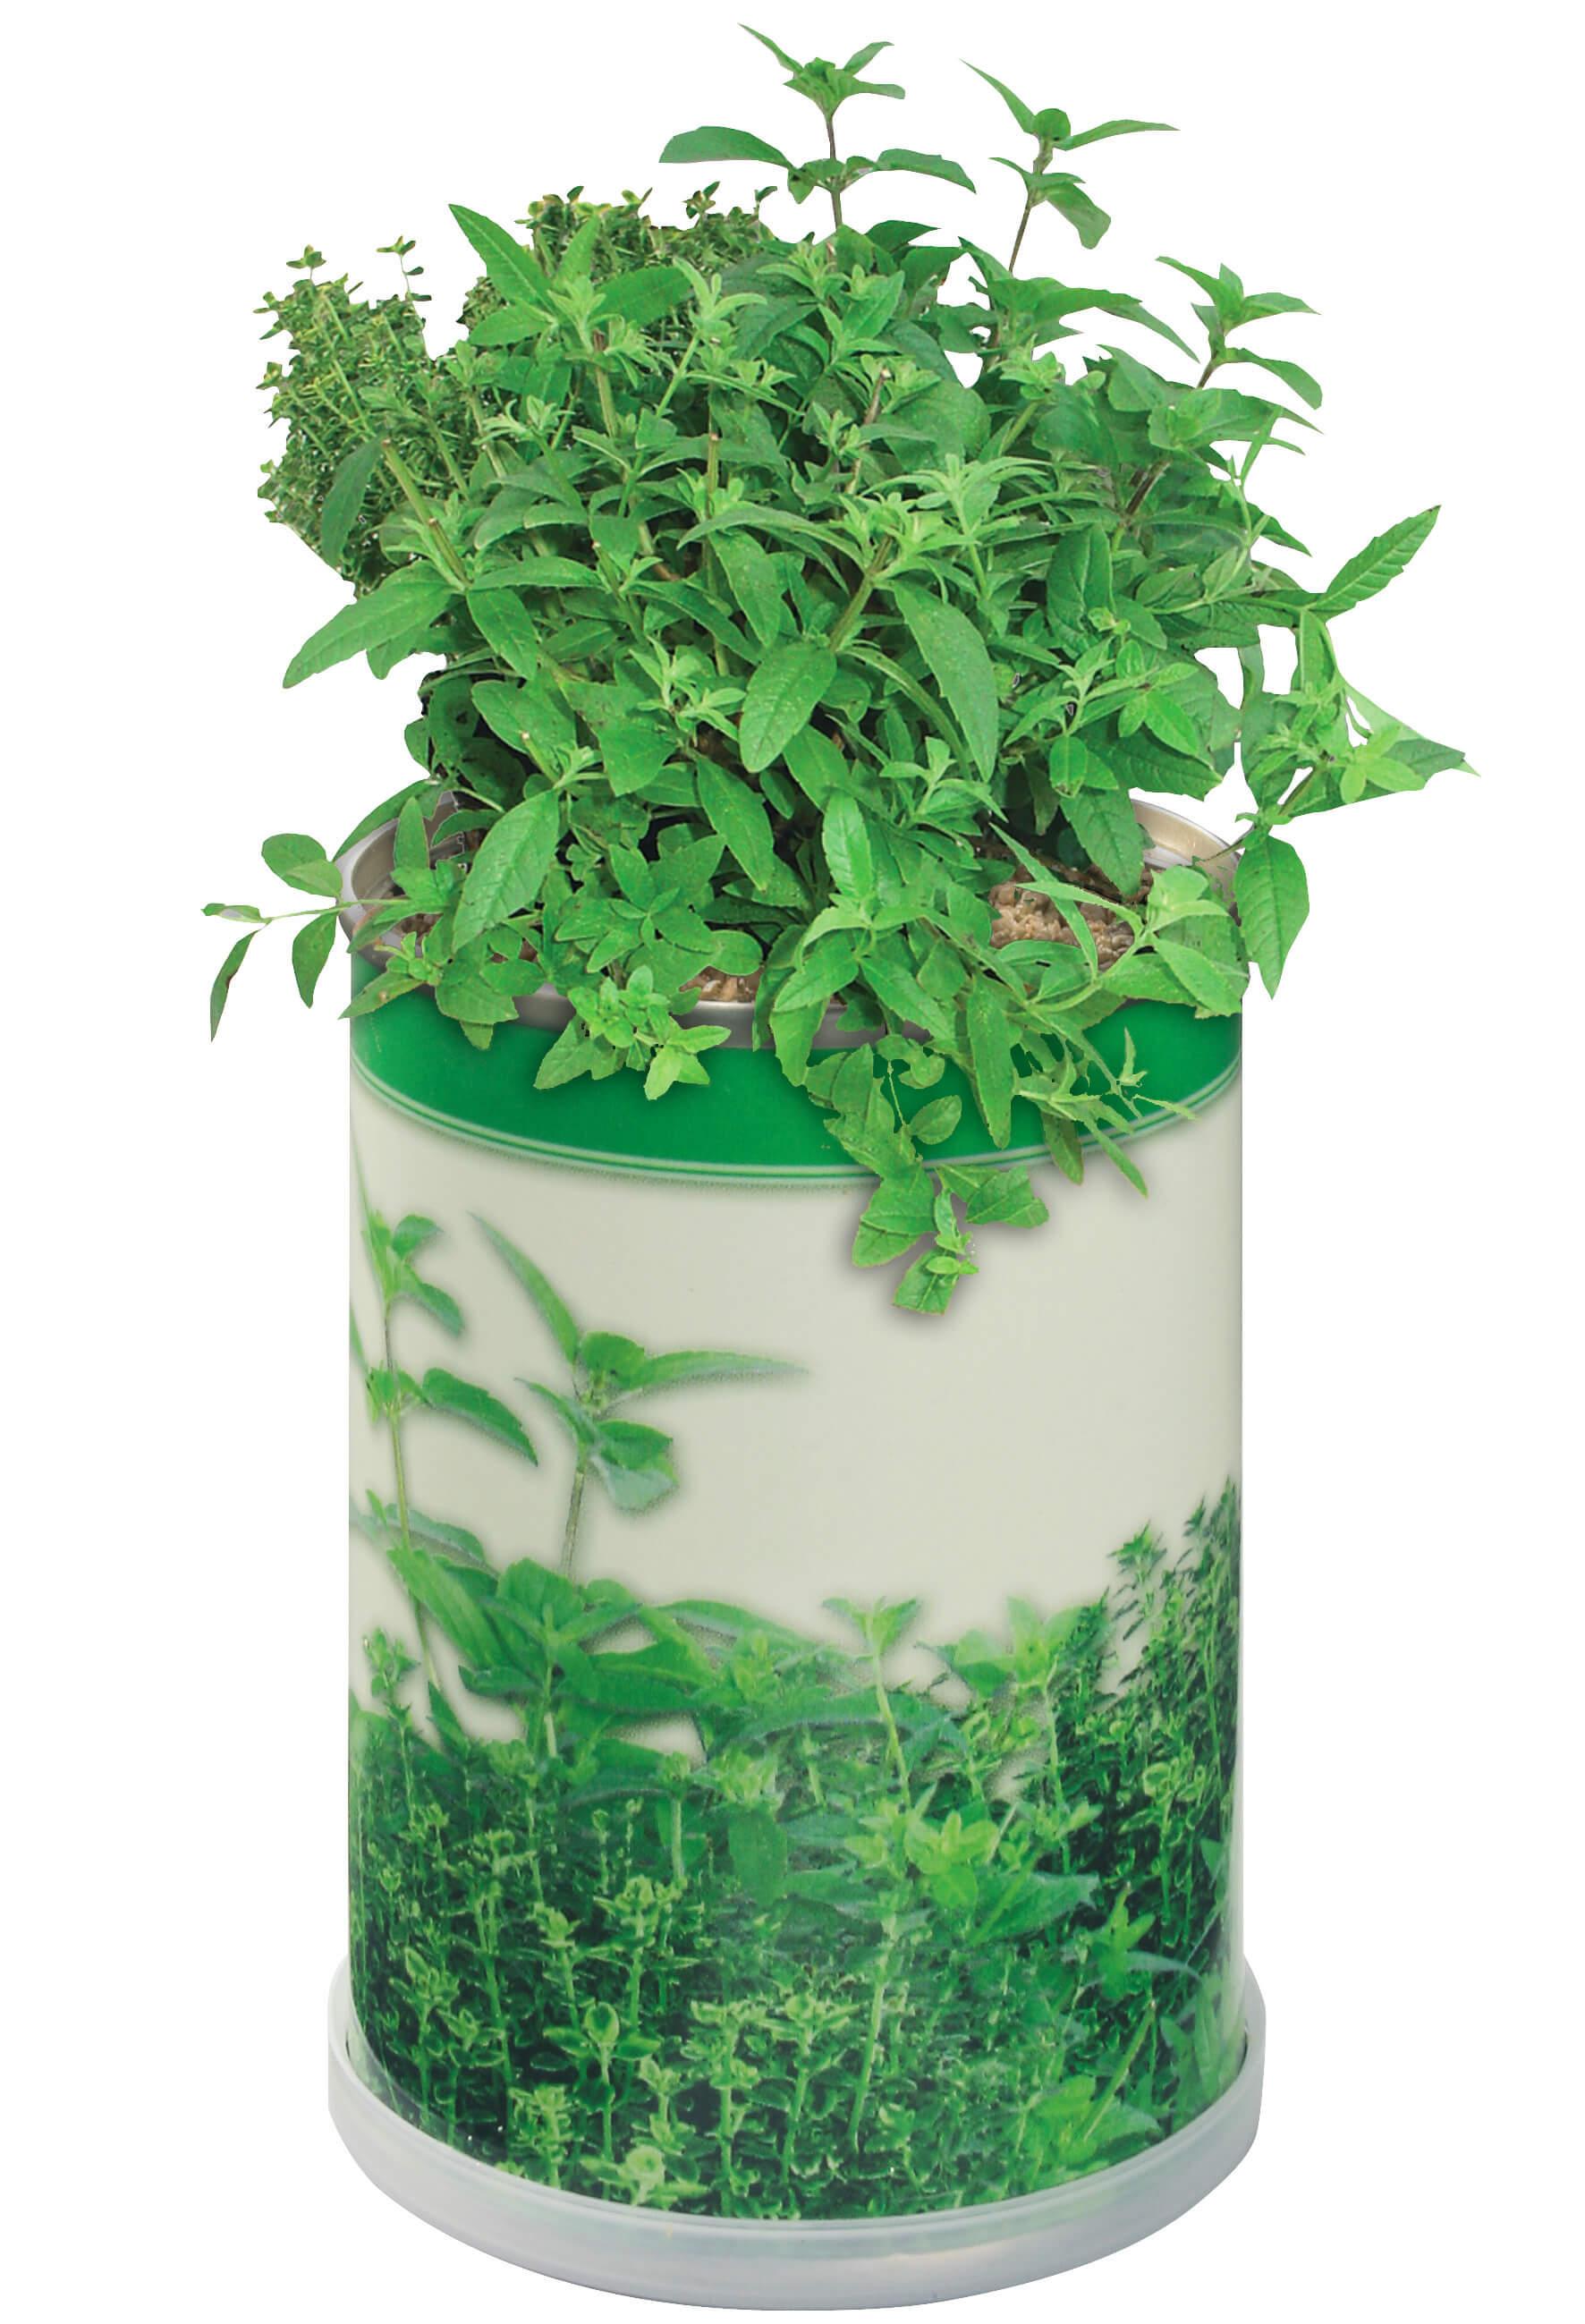 Canette florale ecologique publicitaire ECO058